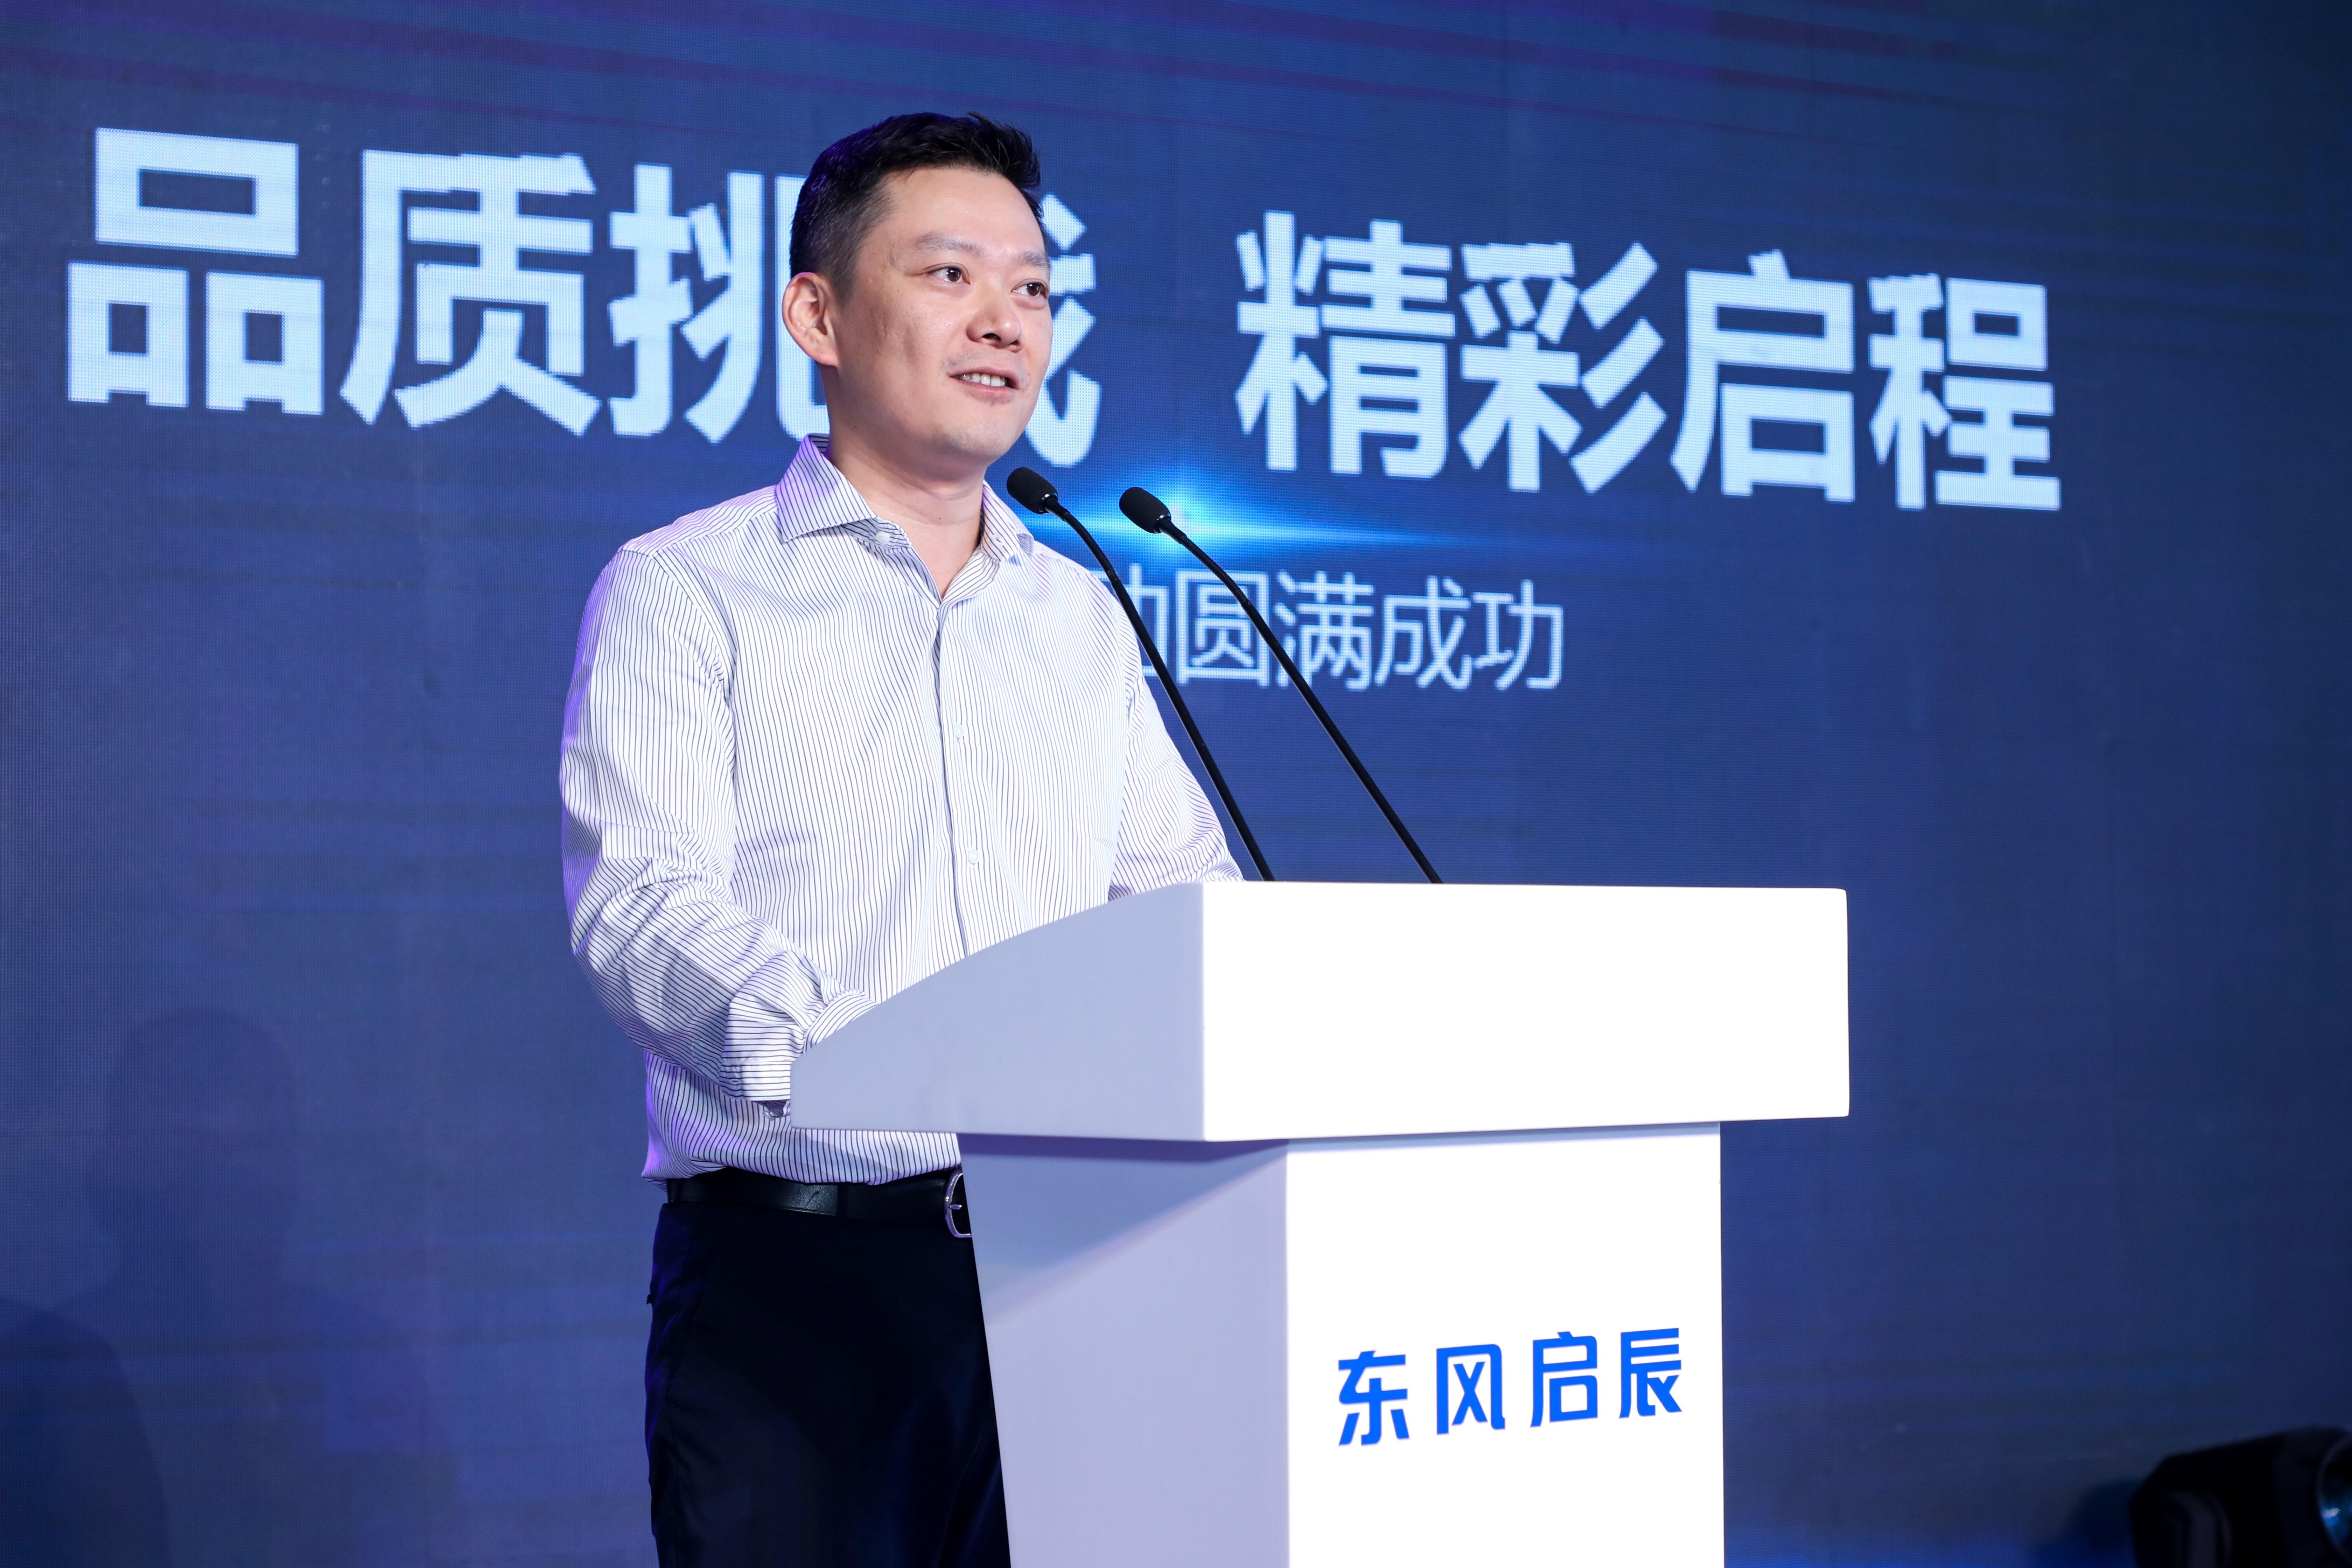 马磊接棒周先鹏任总经理 东风启辰2018年存三大挑战 汽车产经